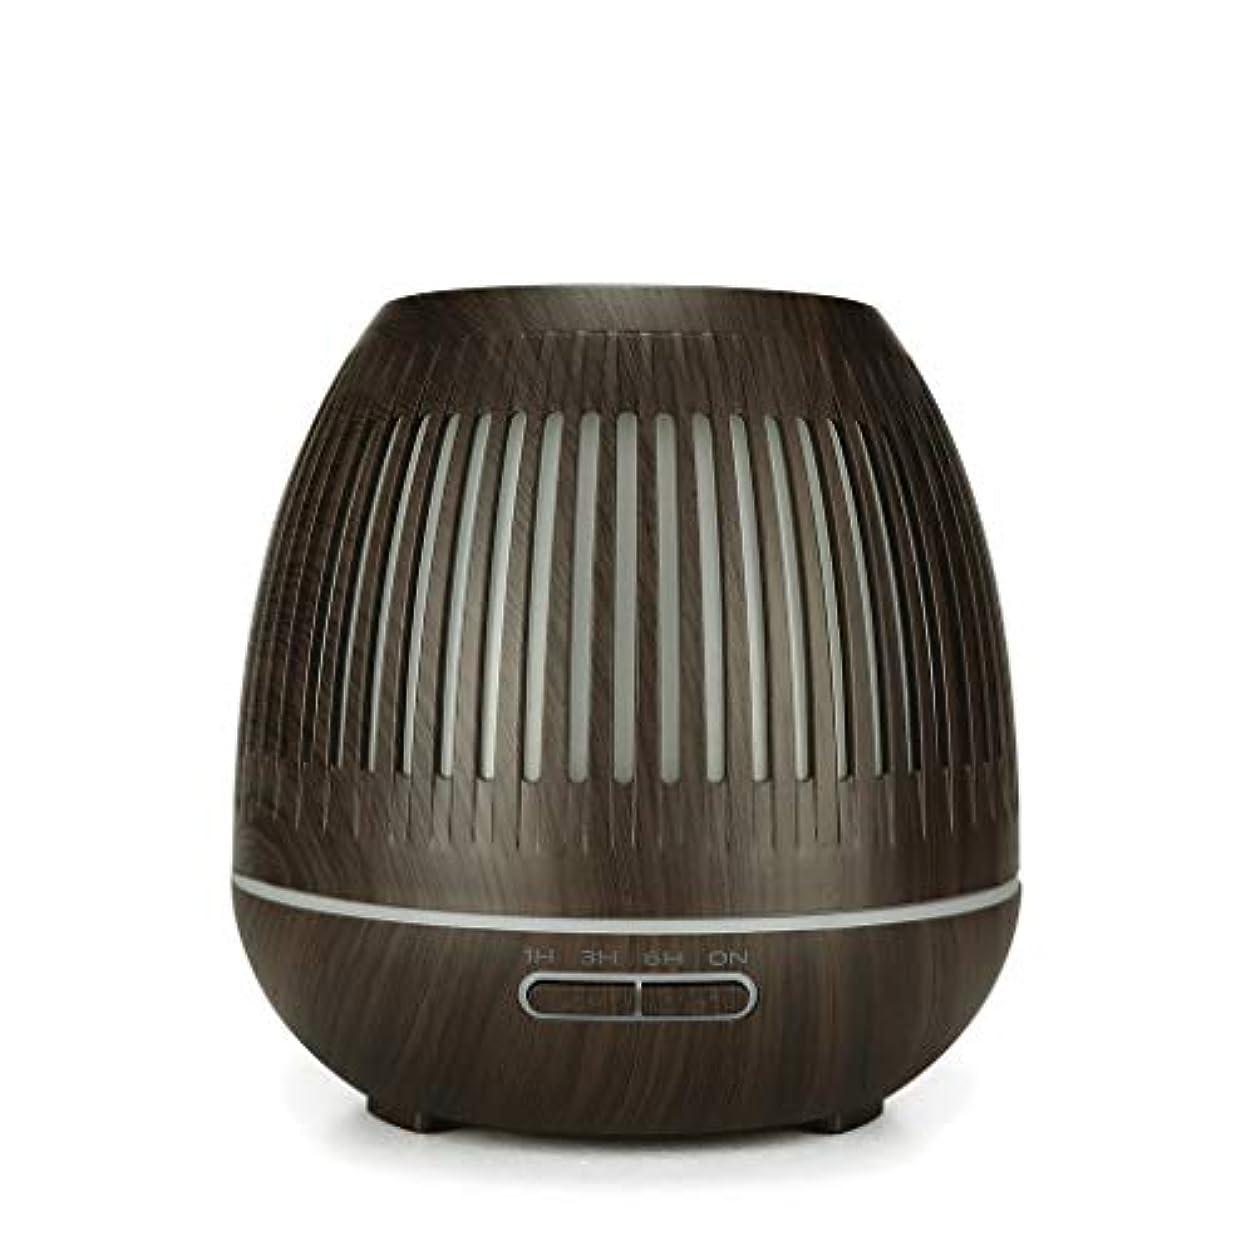 文字通りロゴ冒険者400ミリリットル超音波クールミスト加湿器付きカラーledライト用ホームヨガオフィススパ寝室ベビールーム - ウッドグレインディフューザー (Color : Dark wood grain)